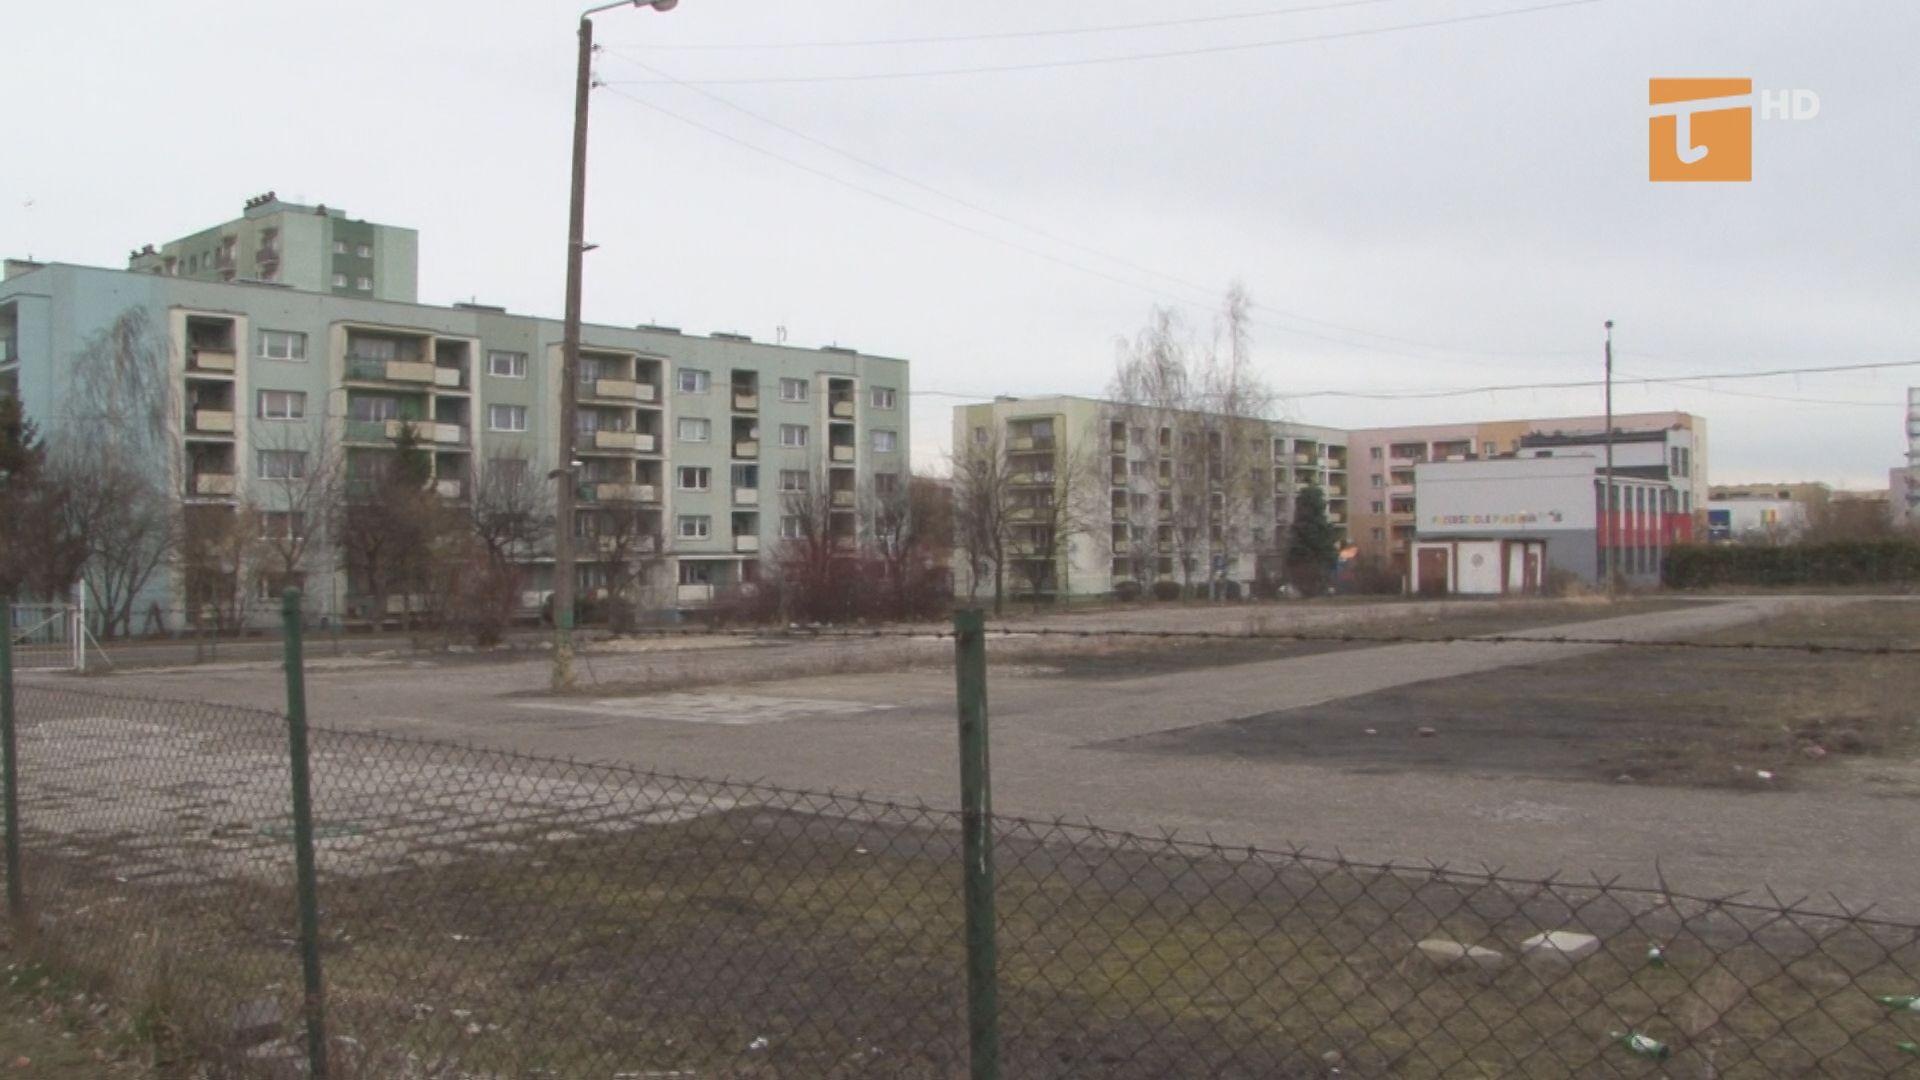 spółdzielnia mieszkaniowa ma przygotowany już projekt na budowę trzech bloków mieszkalnych